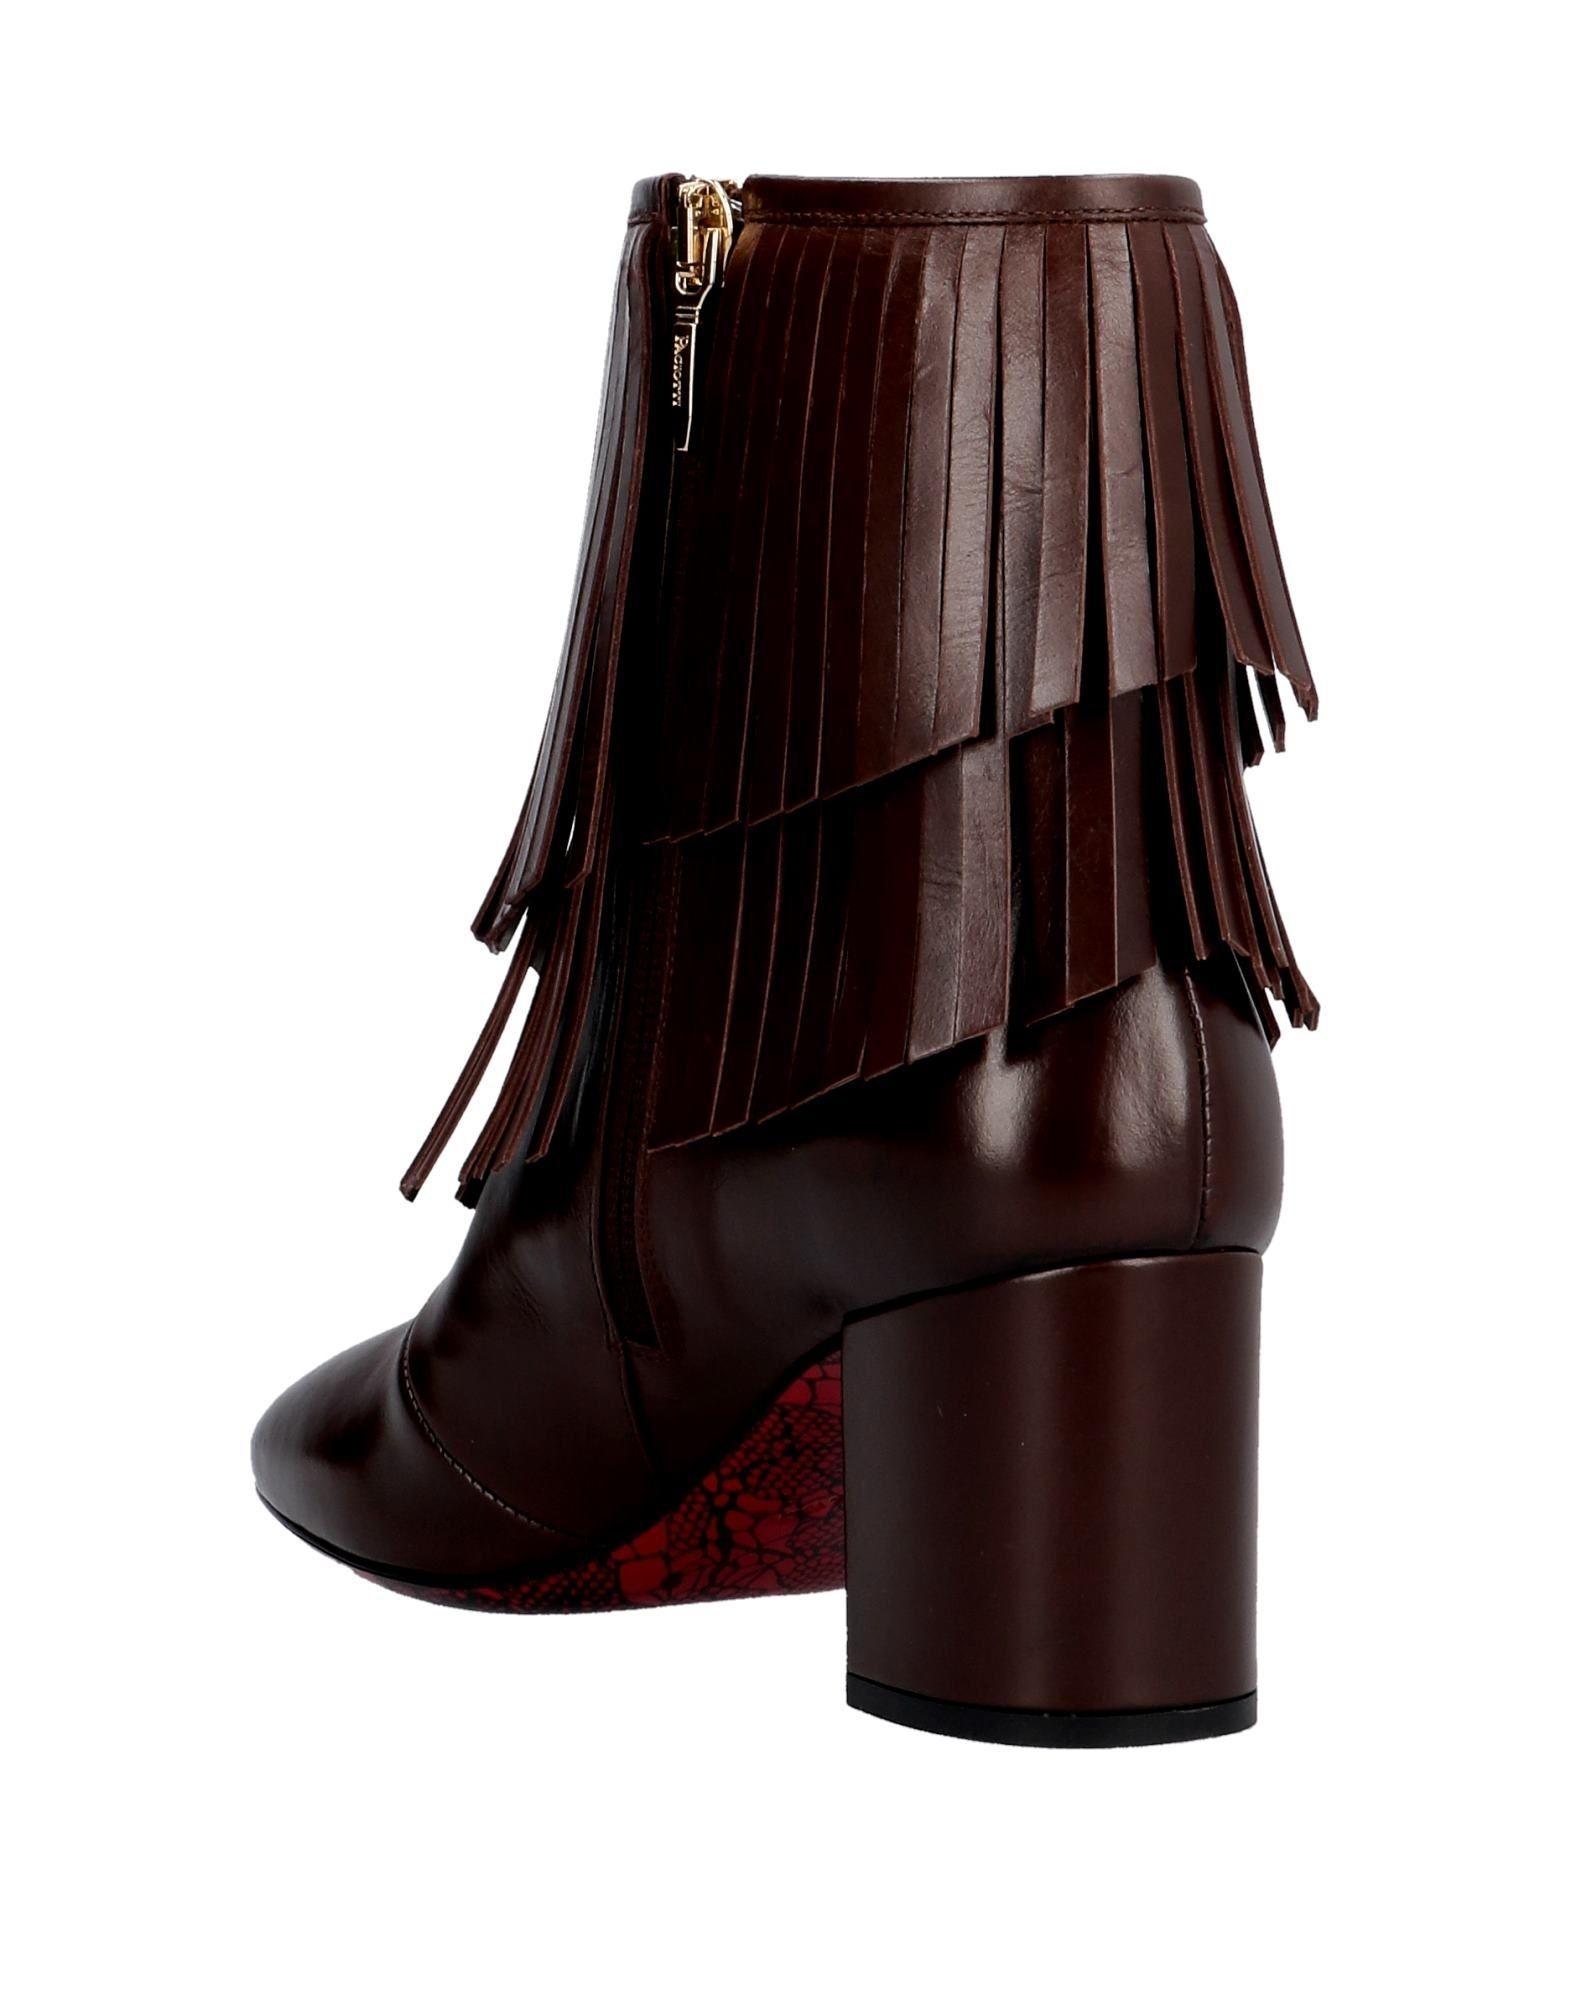 Botines de caña alta Cesare Paciotti de Cuero de color Marrón